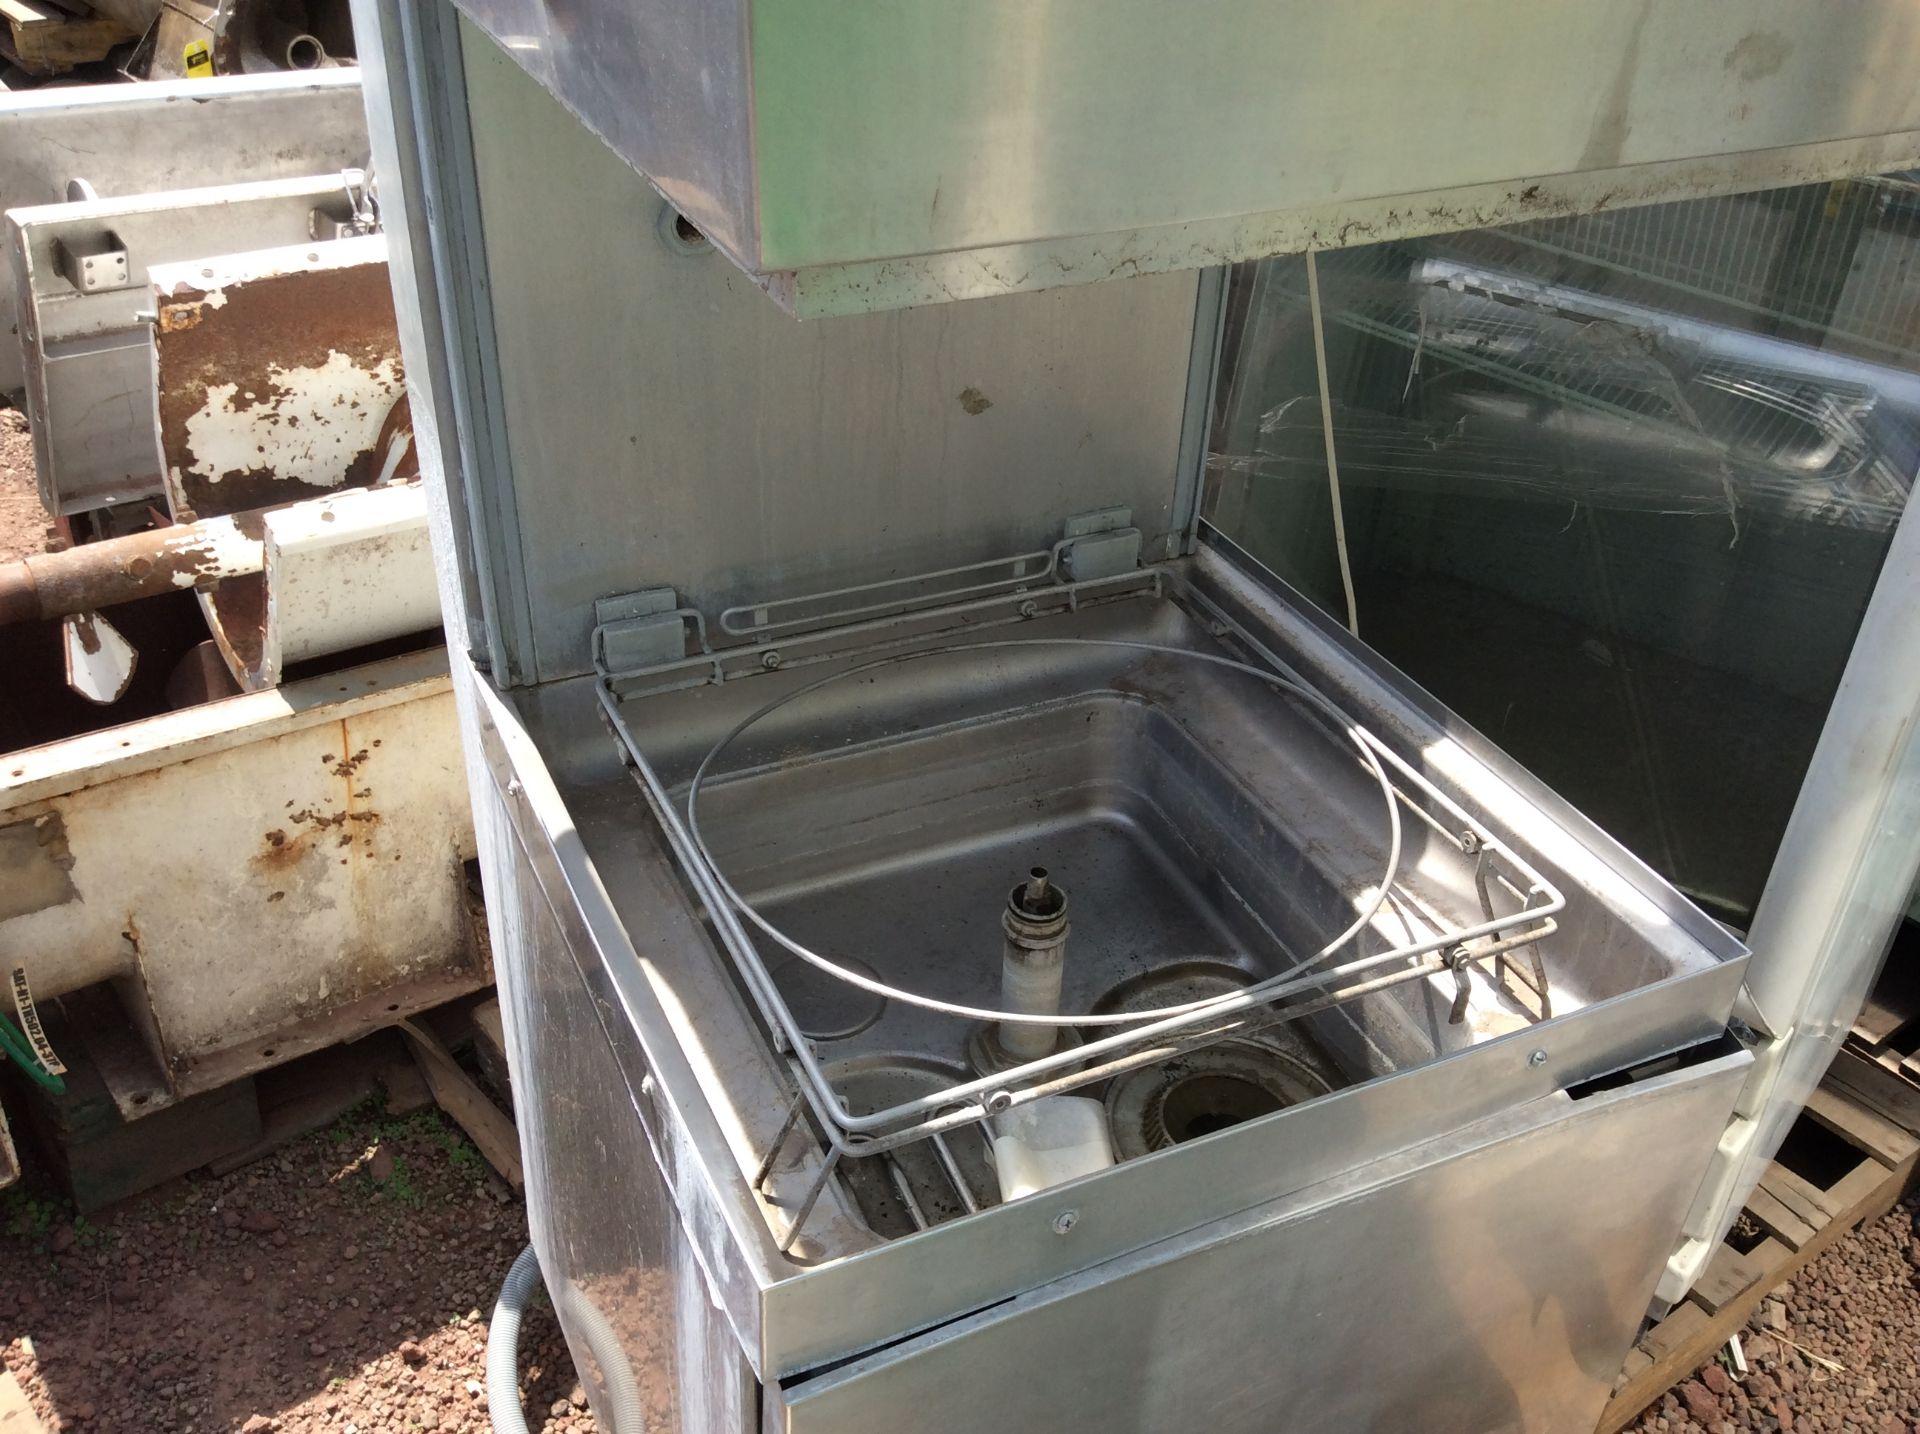 1 AMS Vending machine, 1 Hobart dishwasher - Image 9 of 11